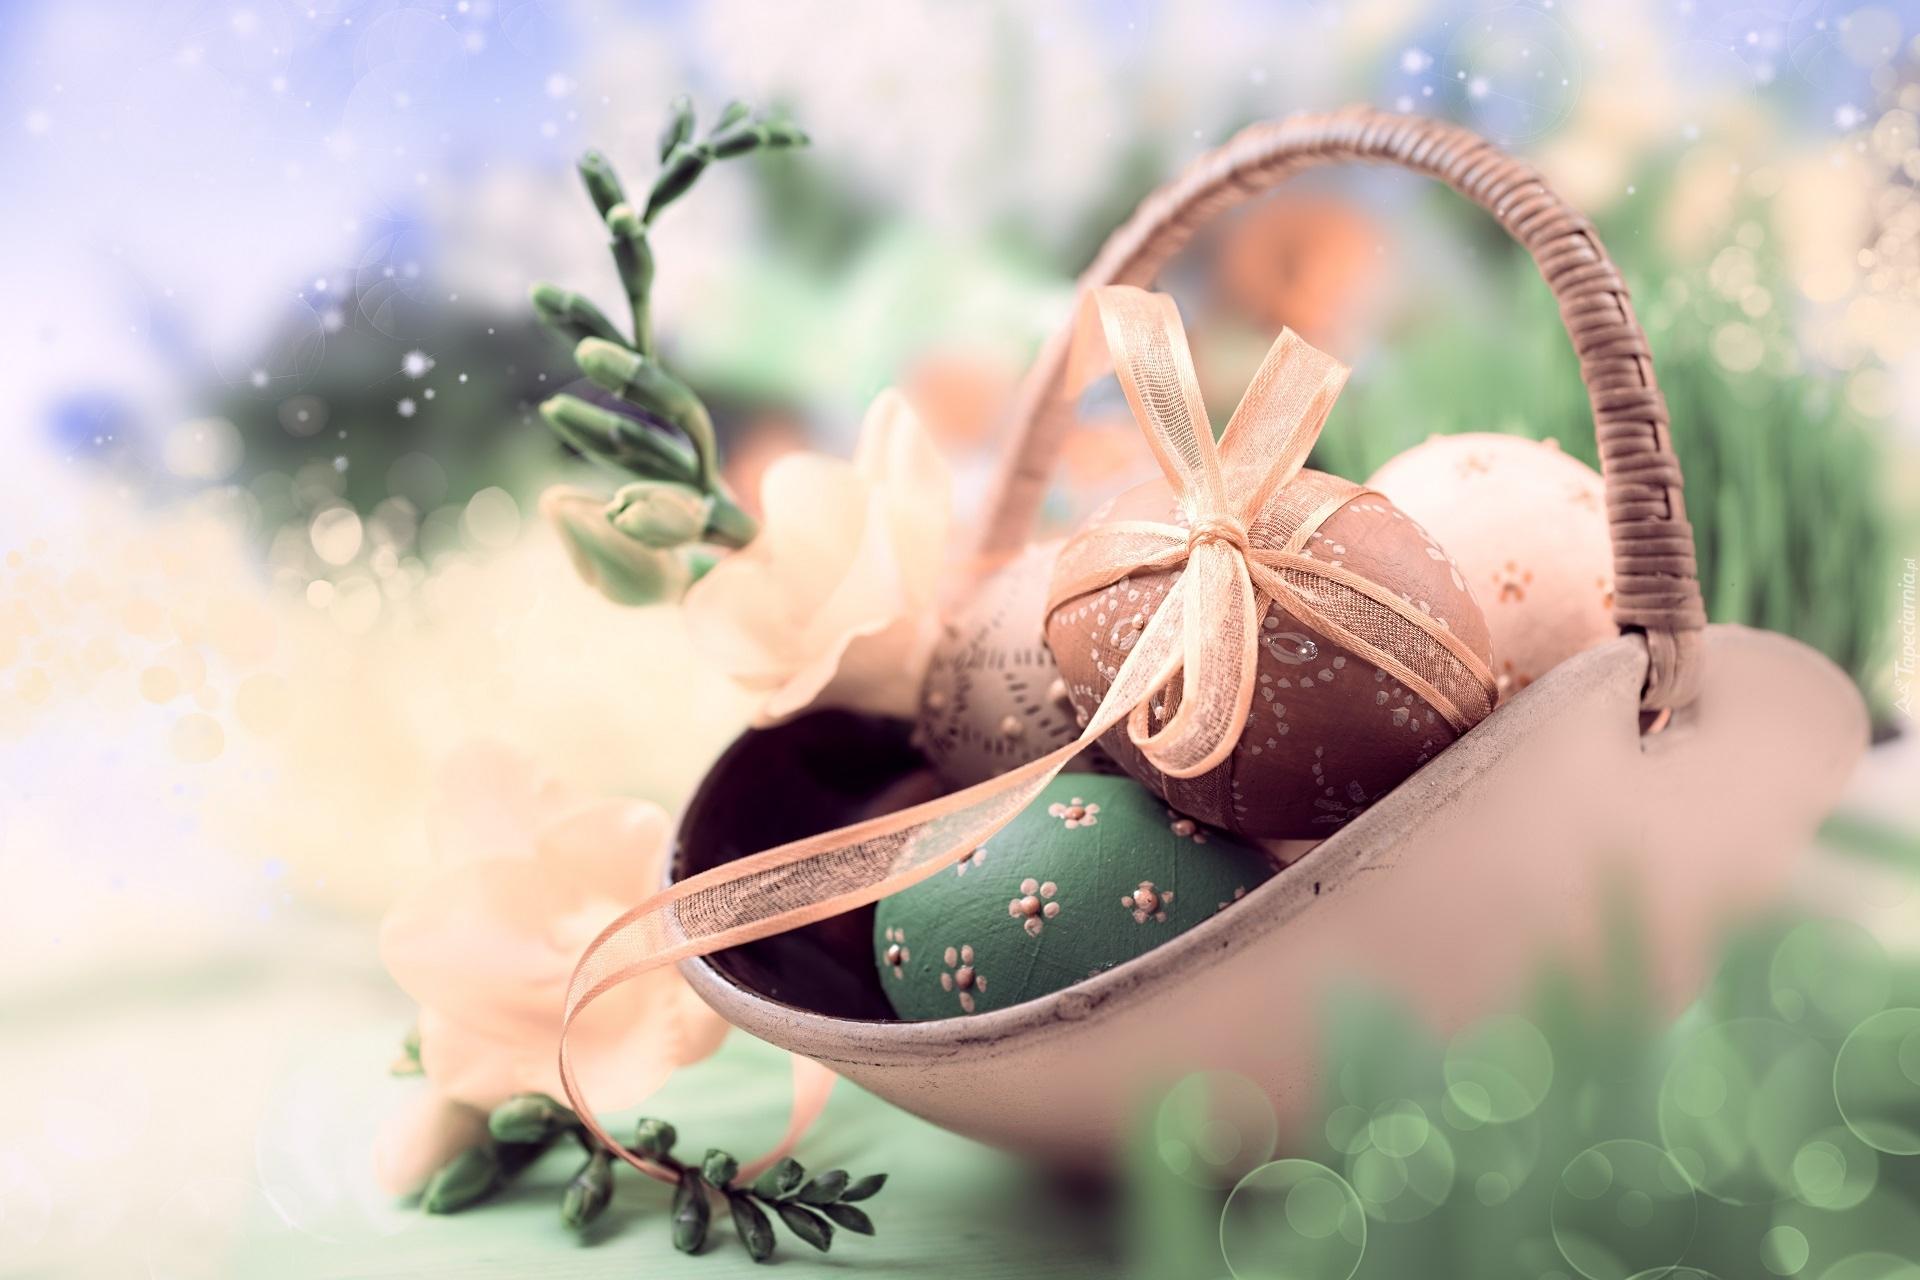 Wielkanoc, Koszyczek, Pisanki, Wstążka, Gałązki, Pąki, Frezji